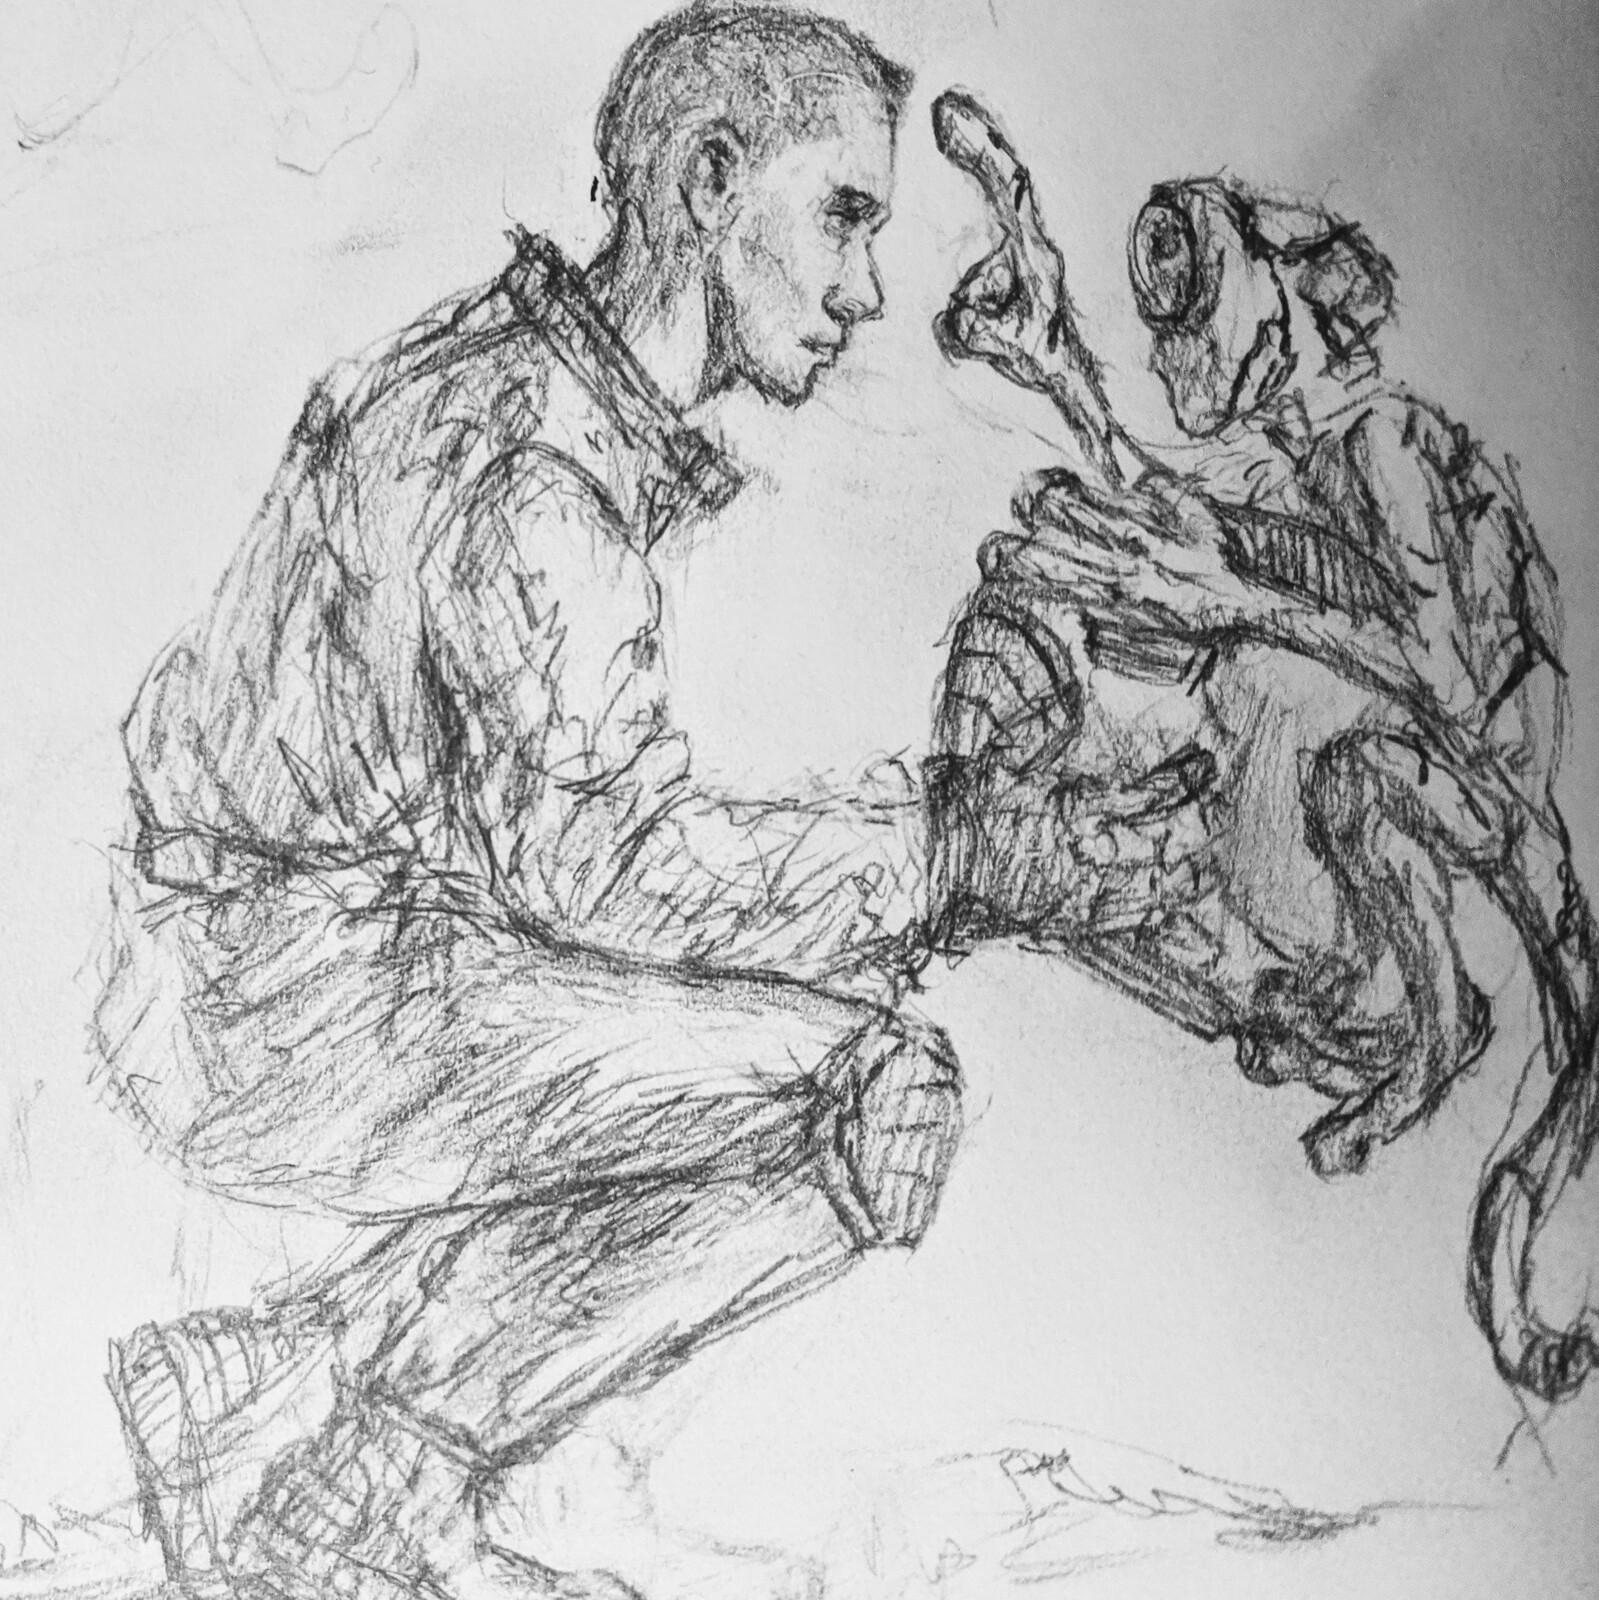 Pencil Sketch 2/10